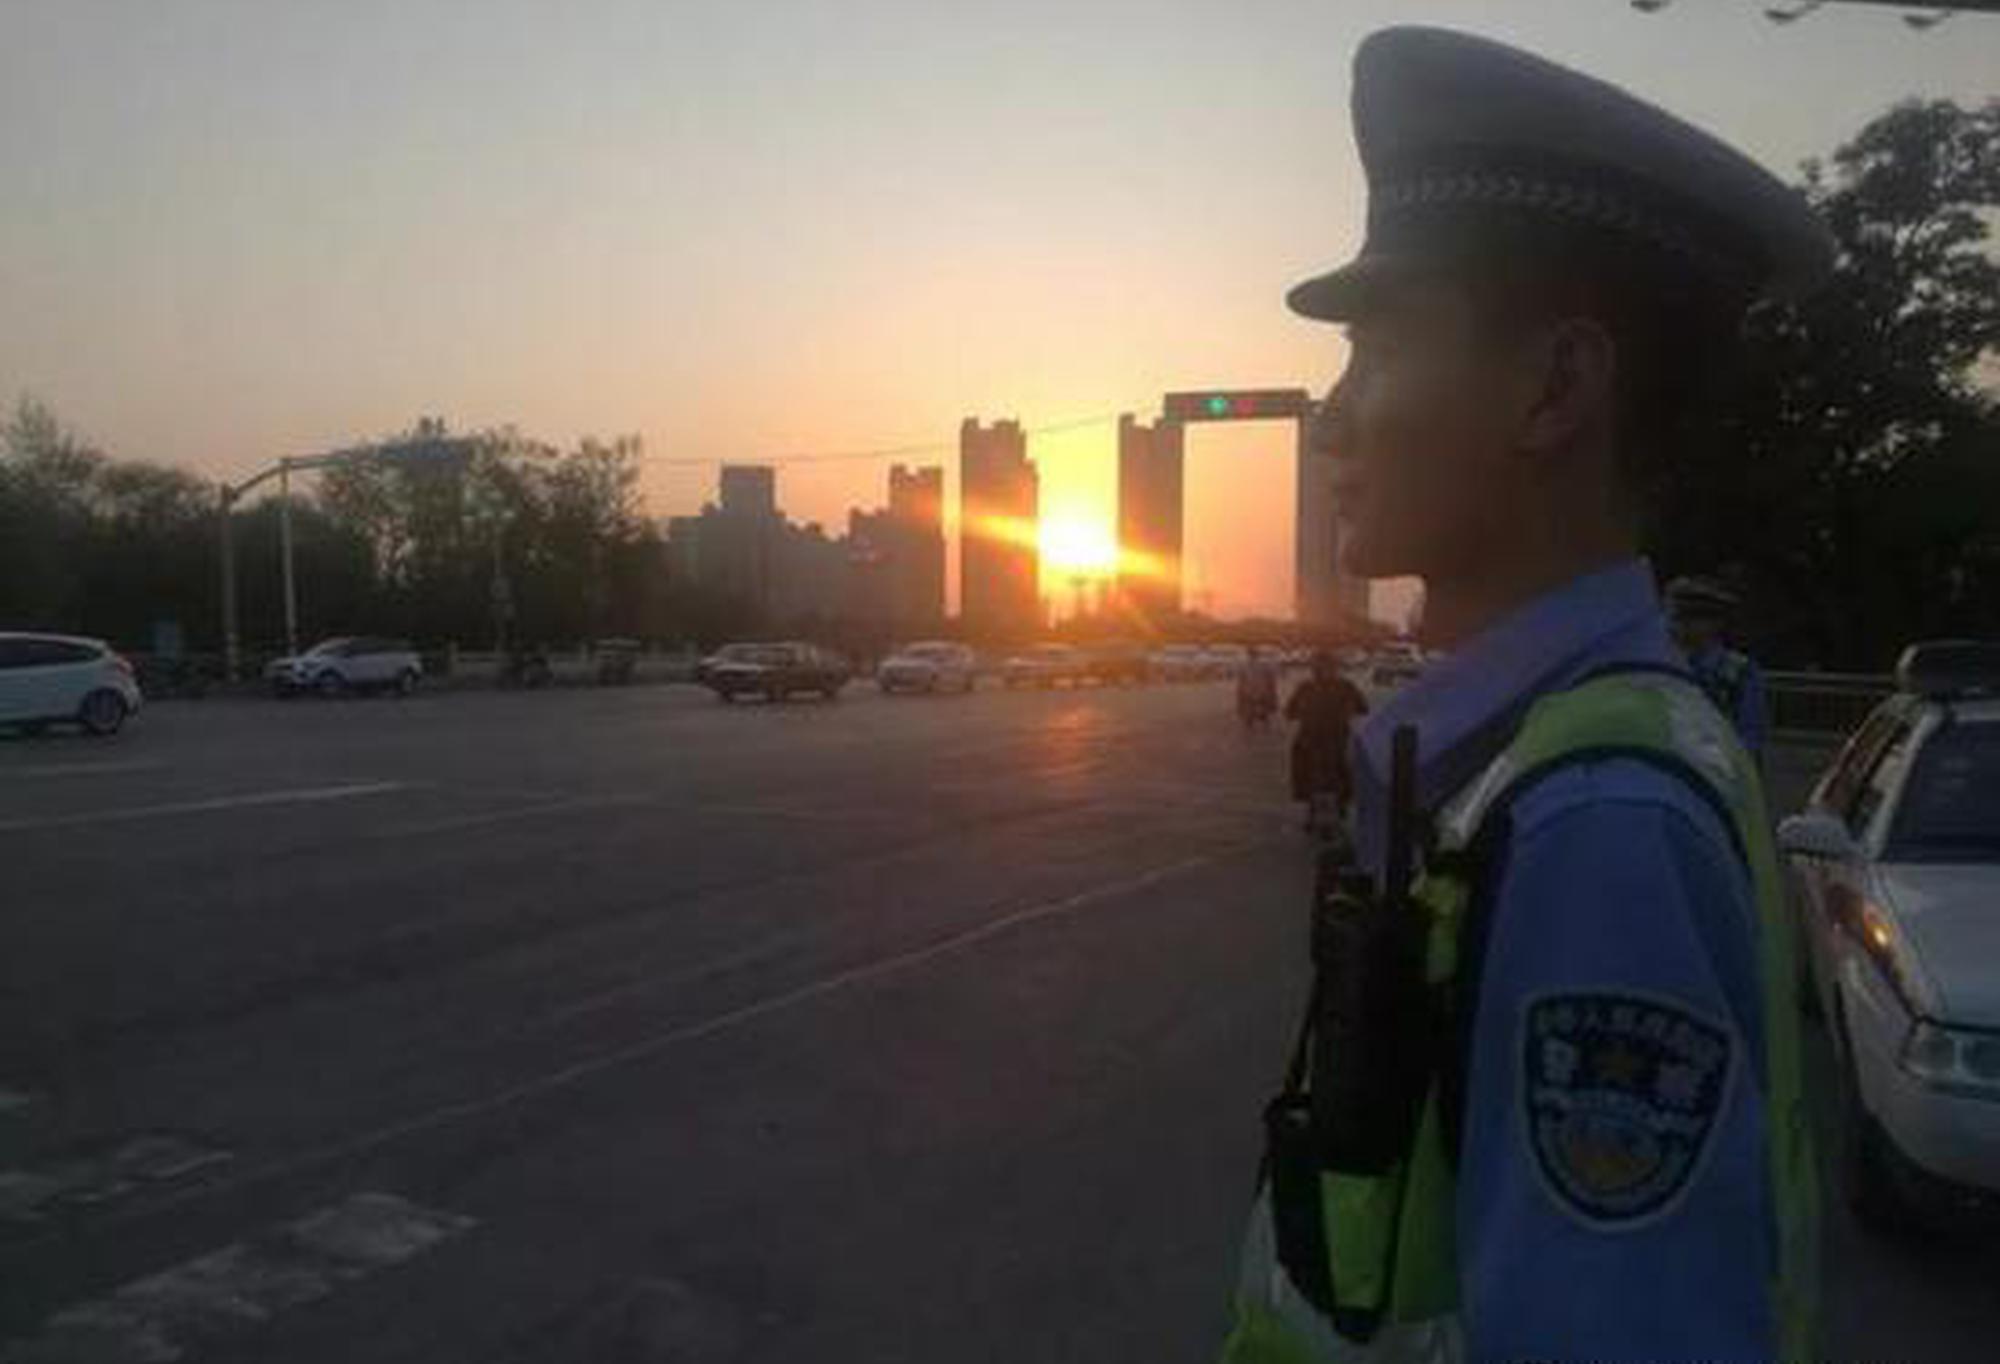 交警的一天—— 忙碌、疲惫却充实